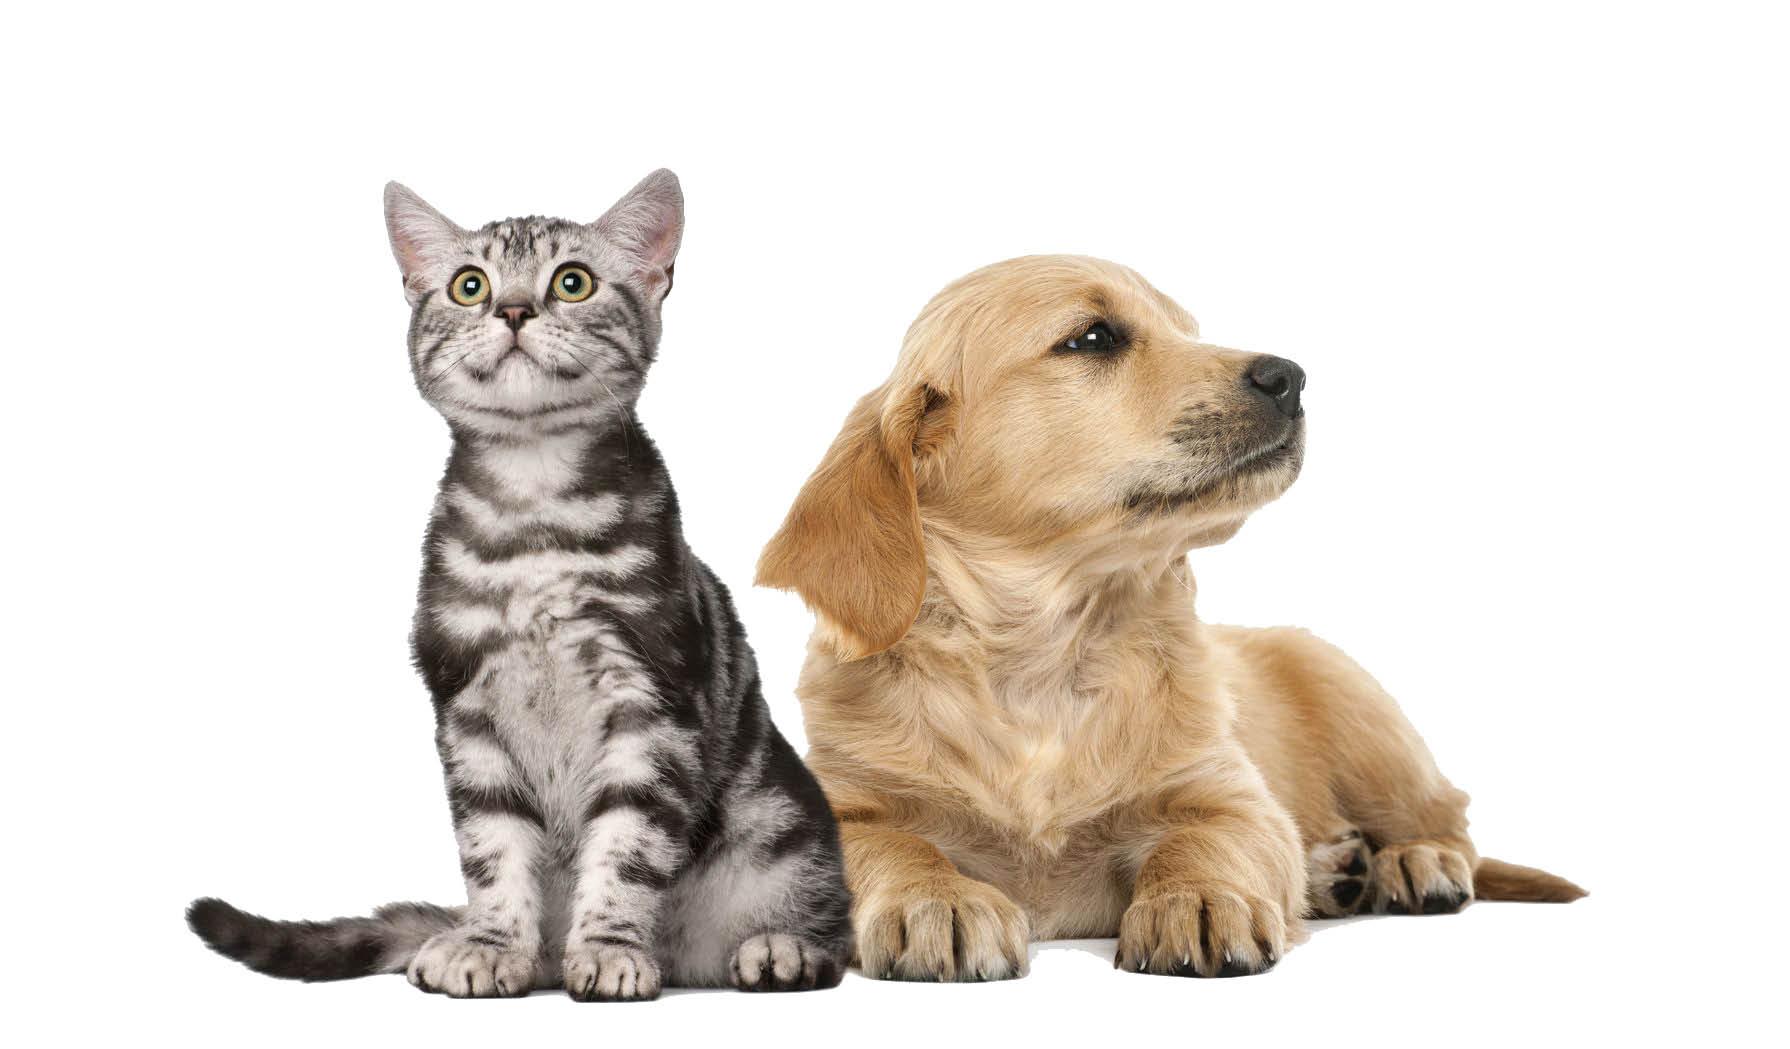 Dog & cat veterinary care near Santa Clara, CA